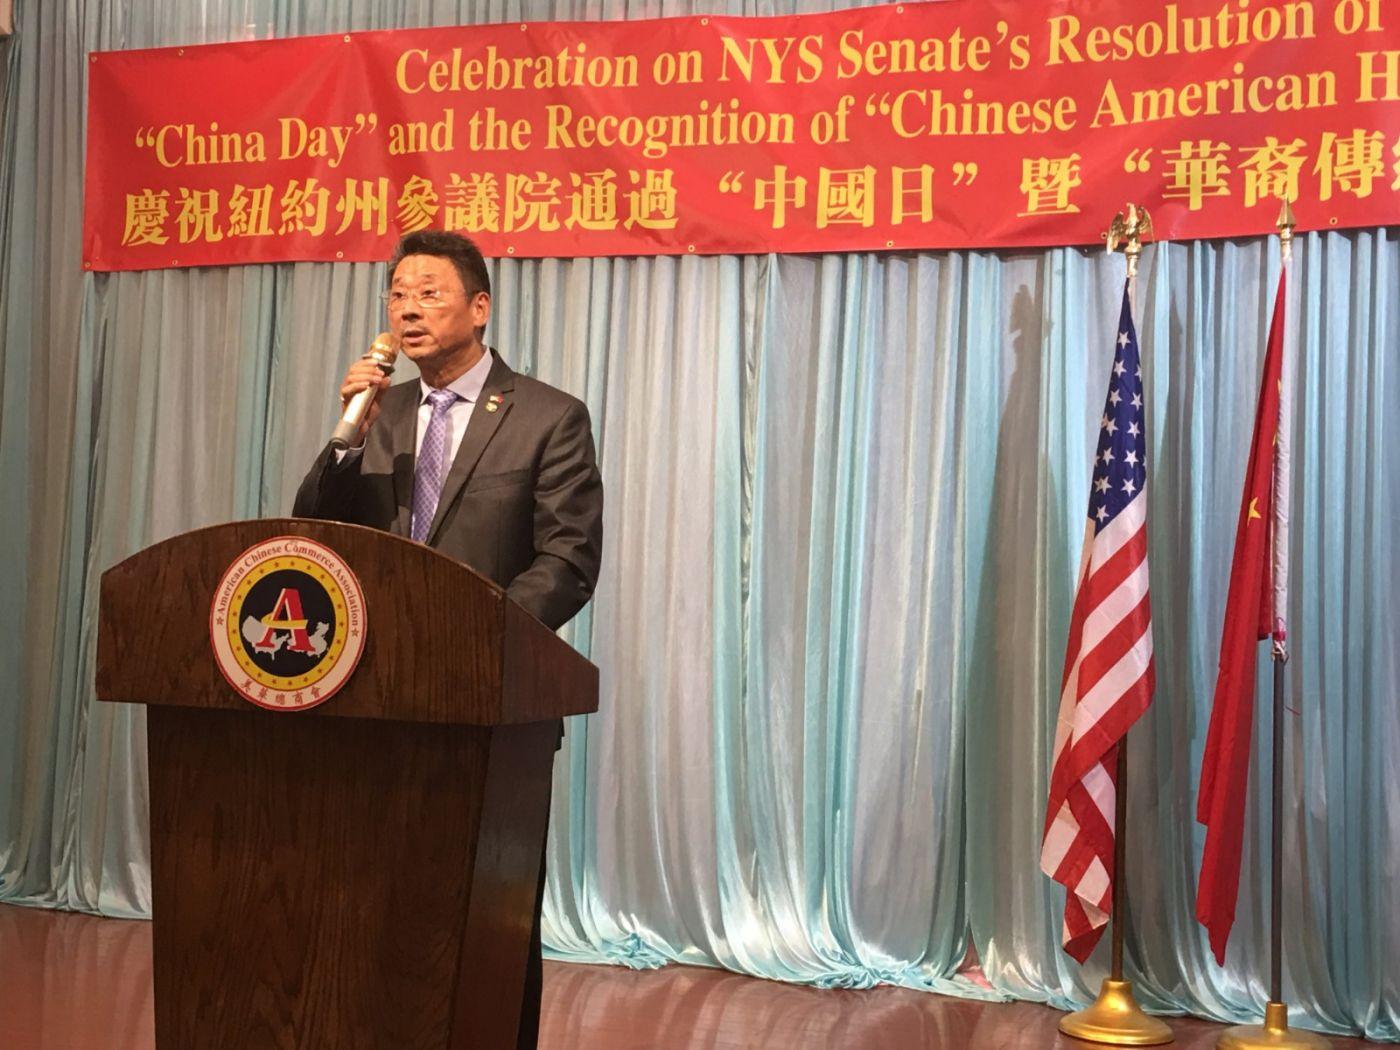 紐約州參議院通過「中國日」決議案慶祝会在紐約舉行_图1-8